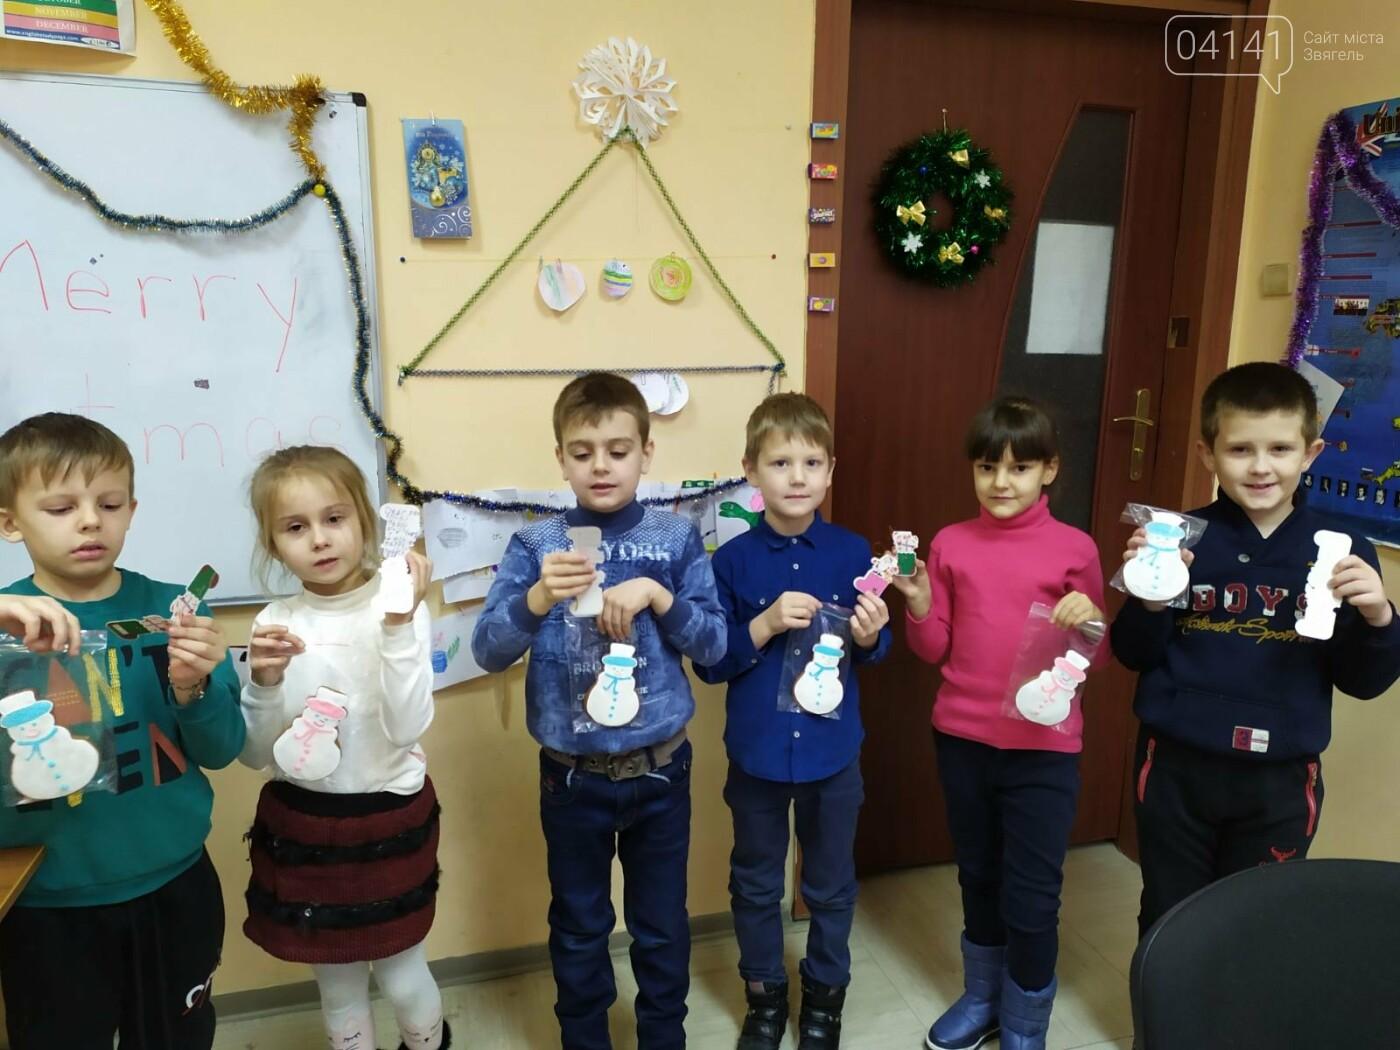 Щасливого Різдва: Новоград-волинські діти пізнавали традицію англомовних країн, фото-1